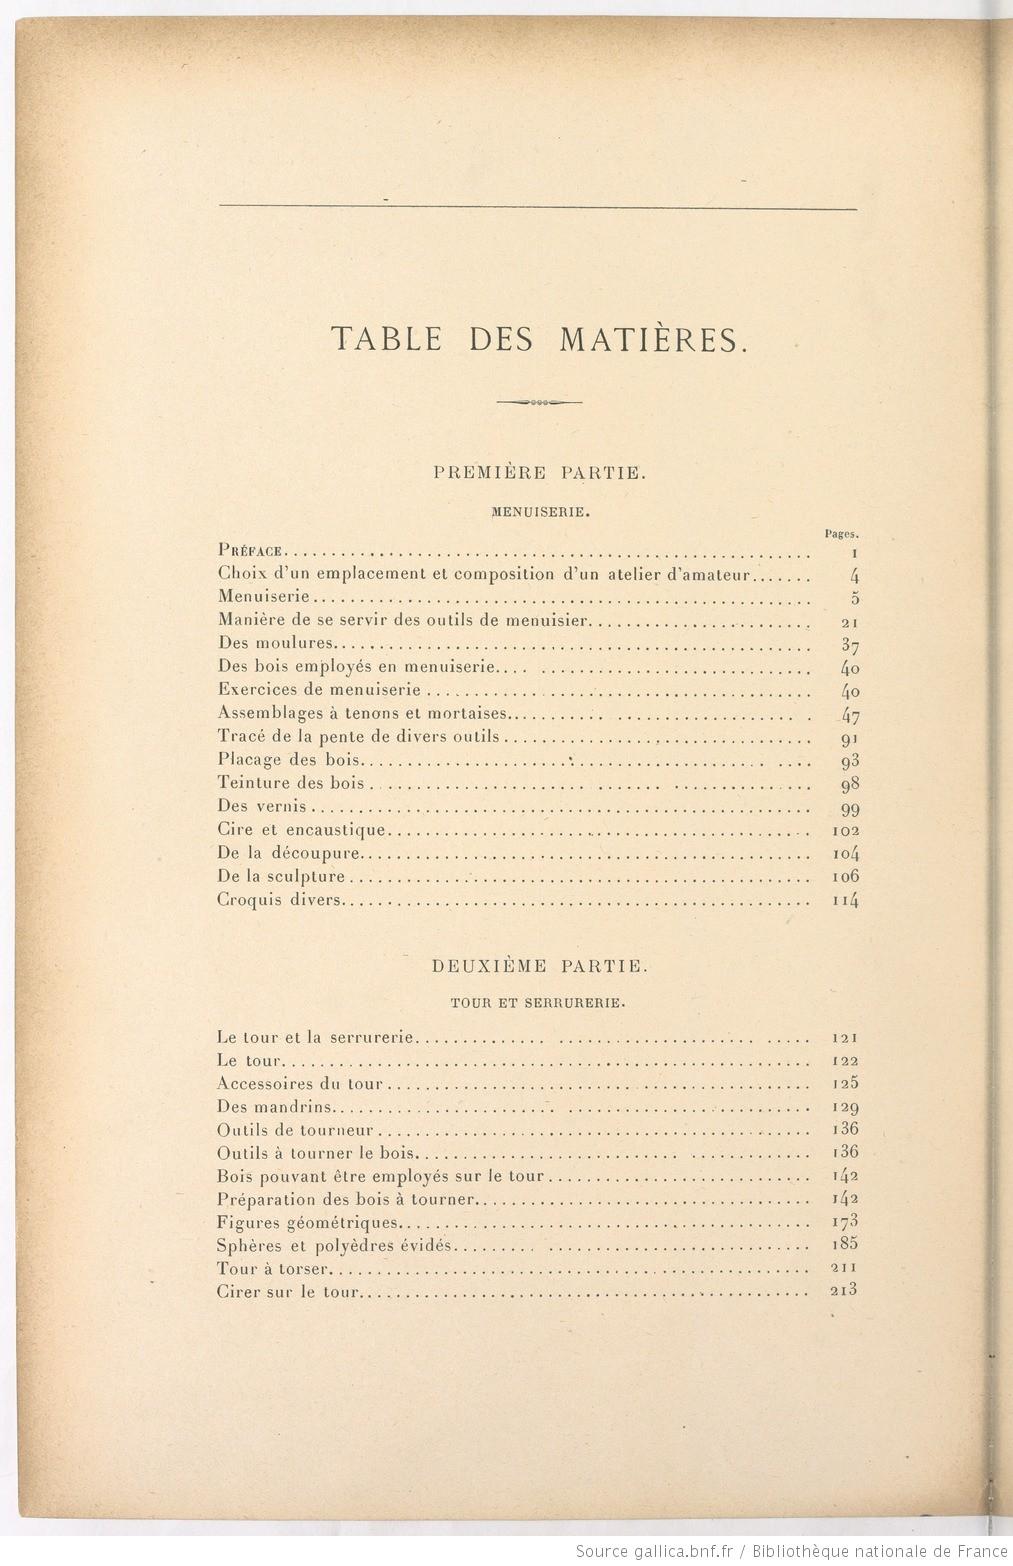 [PDF] Ouvrages anciens :Manuels de travaux d'amateurs  F262